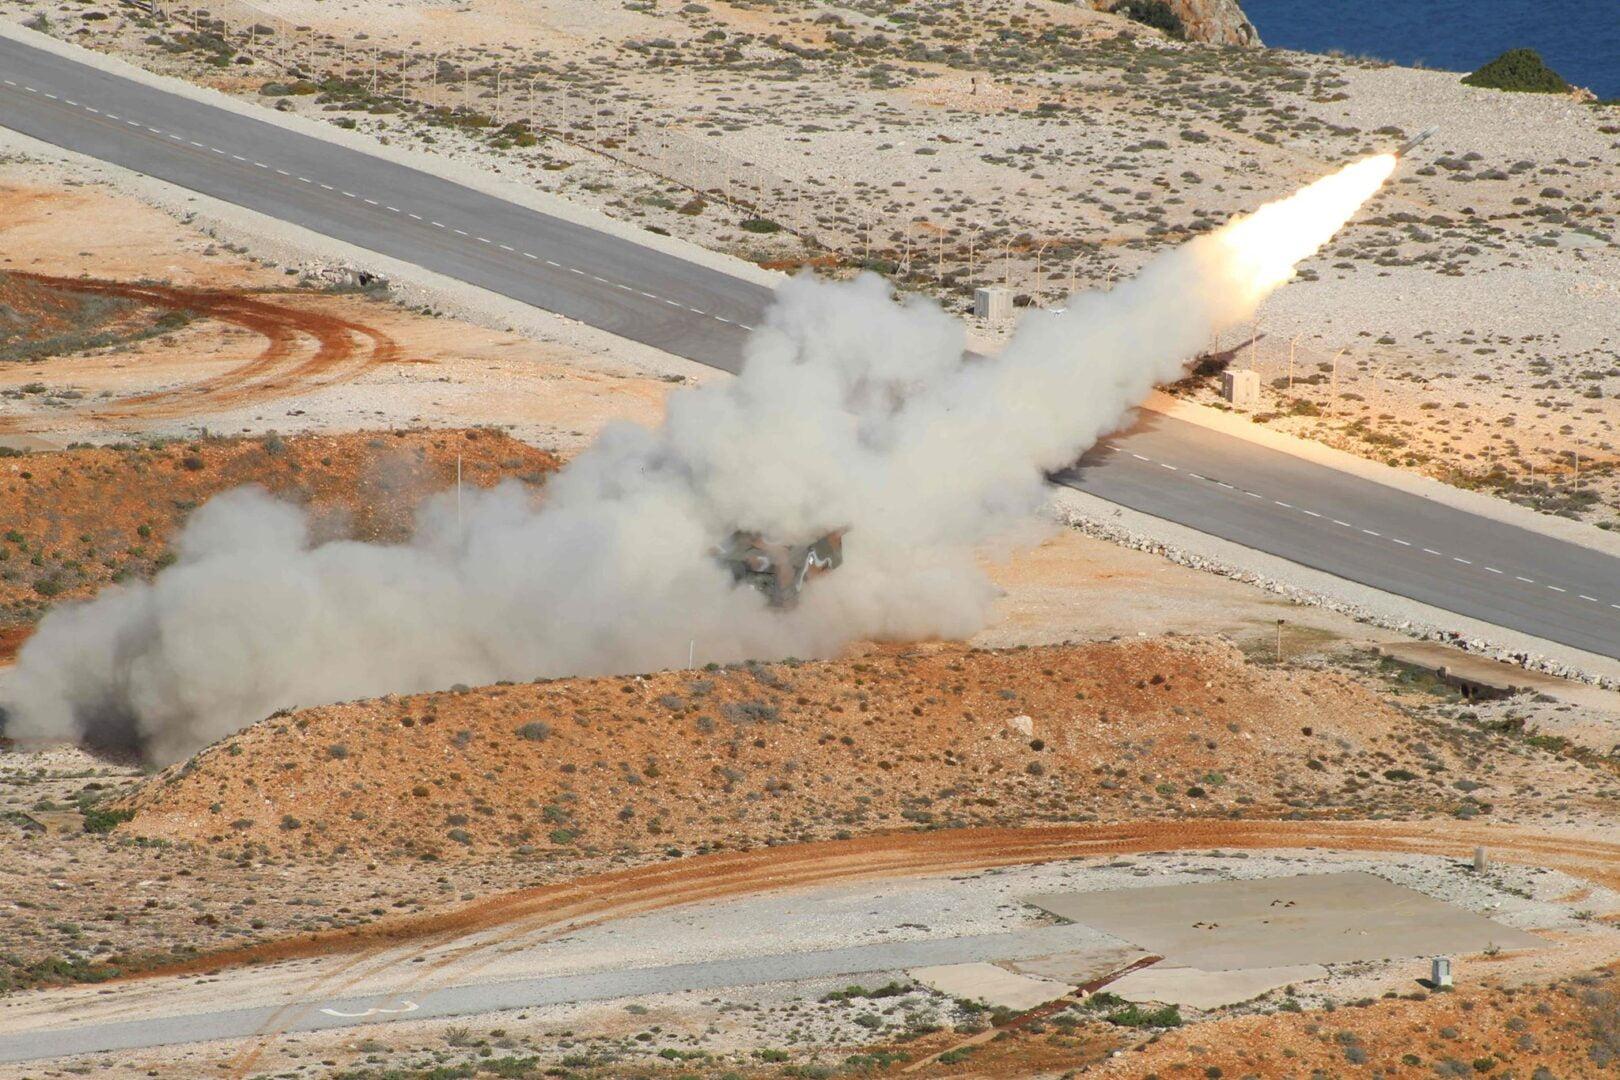 Βολές MLRS / RM70 στο Πεδίο Βολής Κρήτης  – ΔΕΙΤΕ ΦΩΤΟ